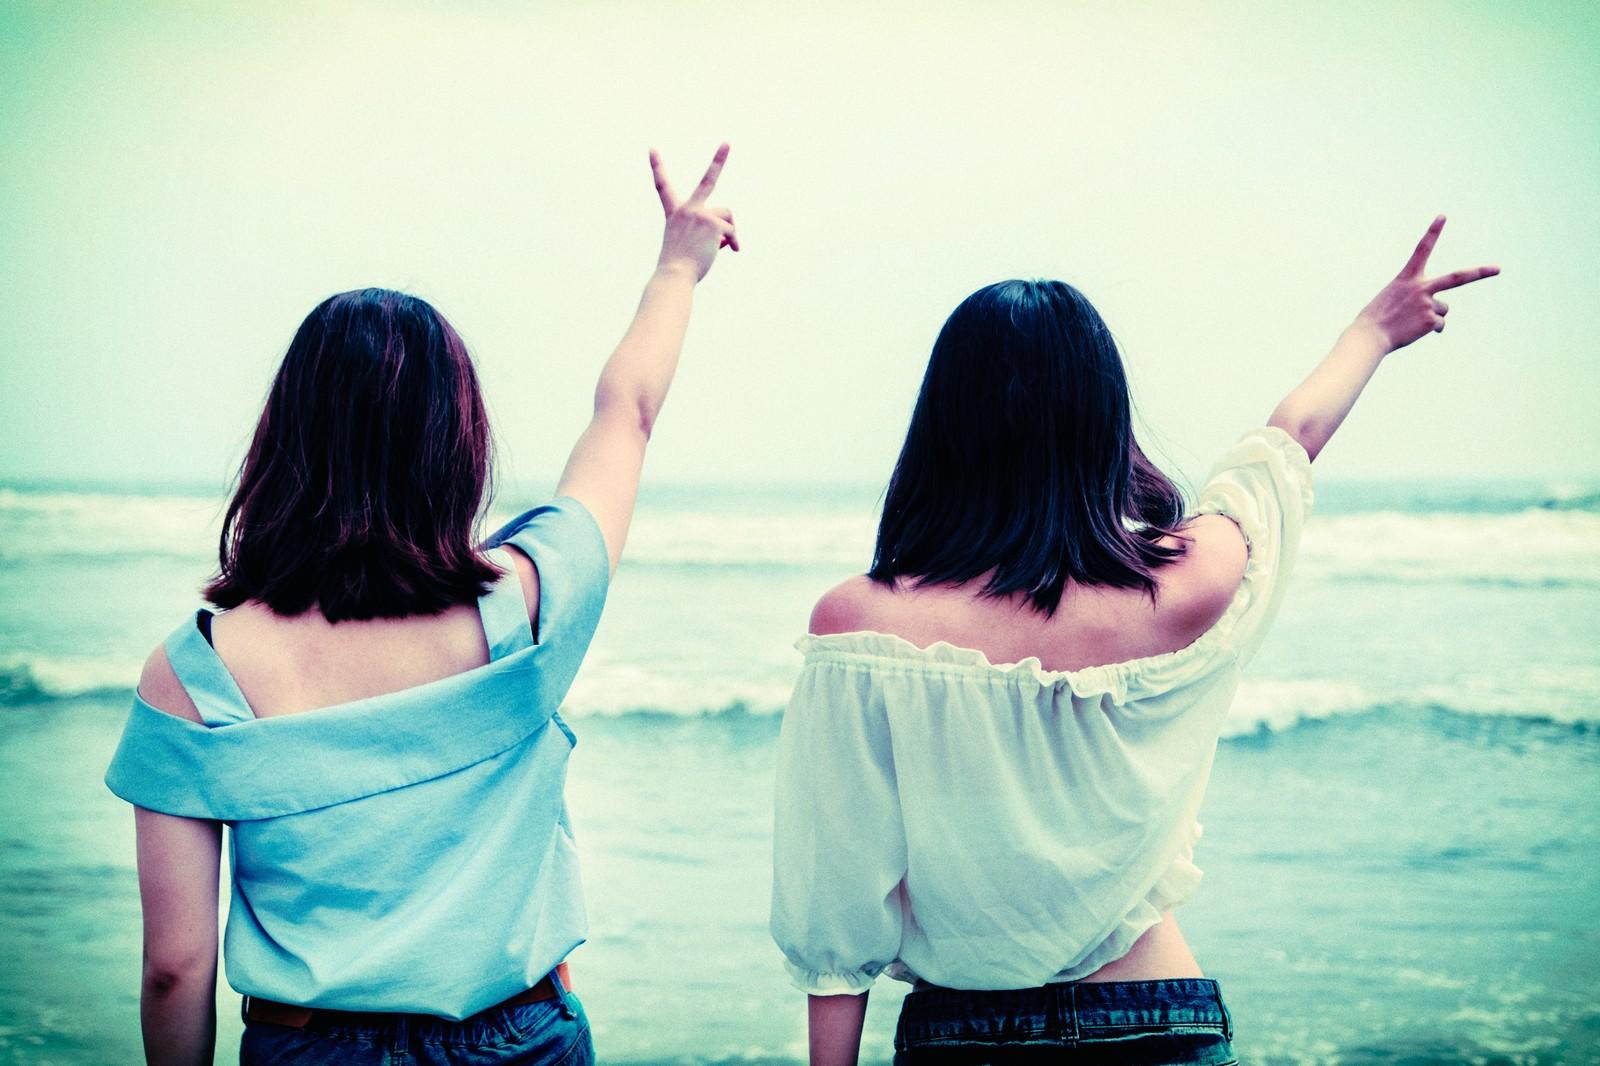 ラクトバーン_喜ぶ女性イメージ